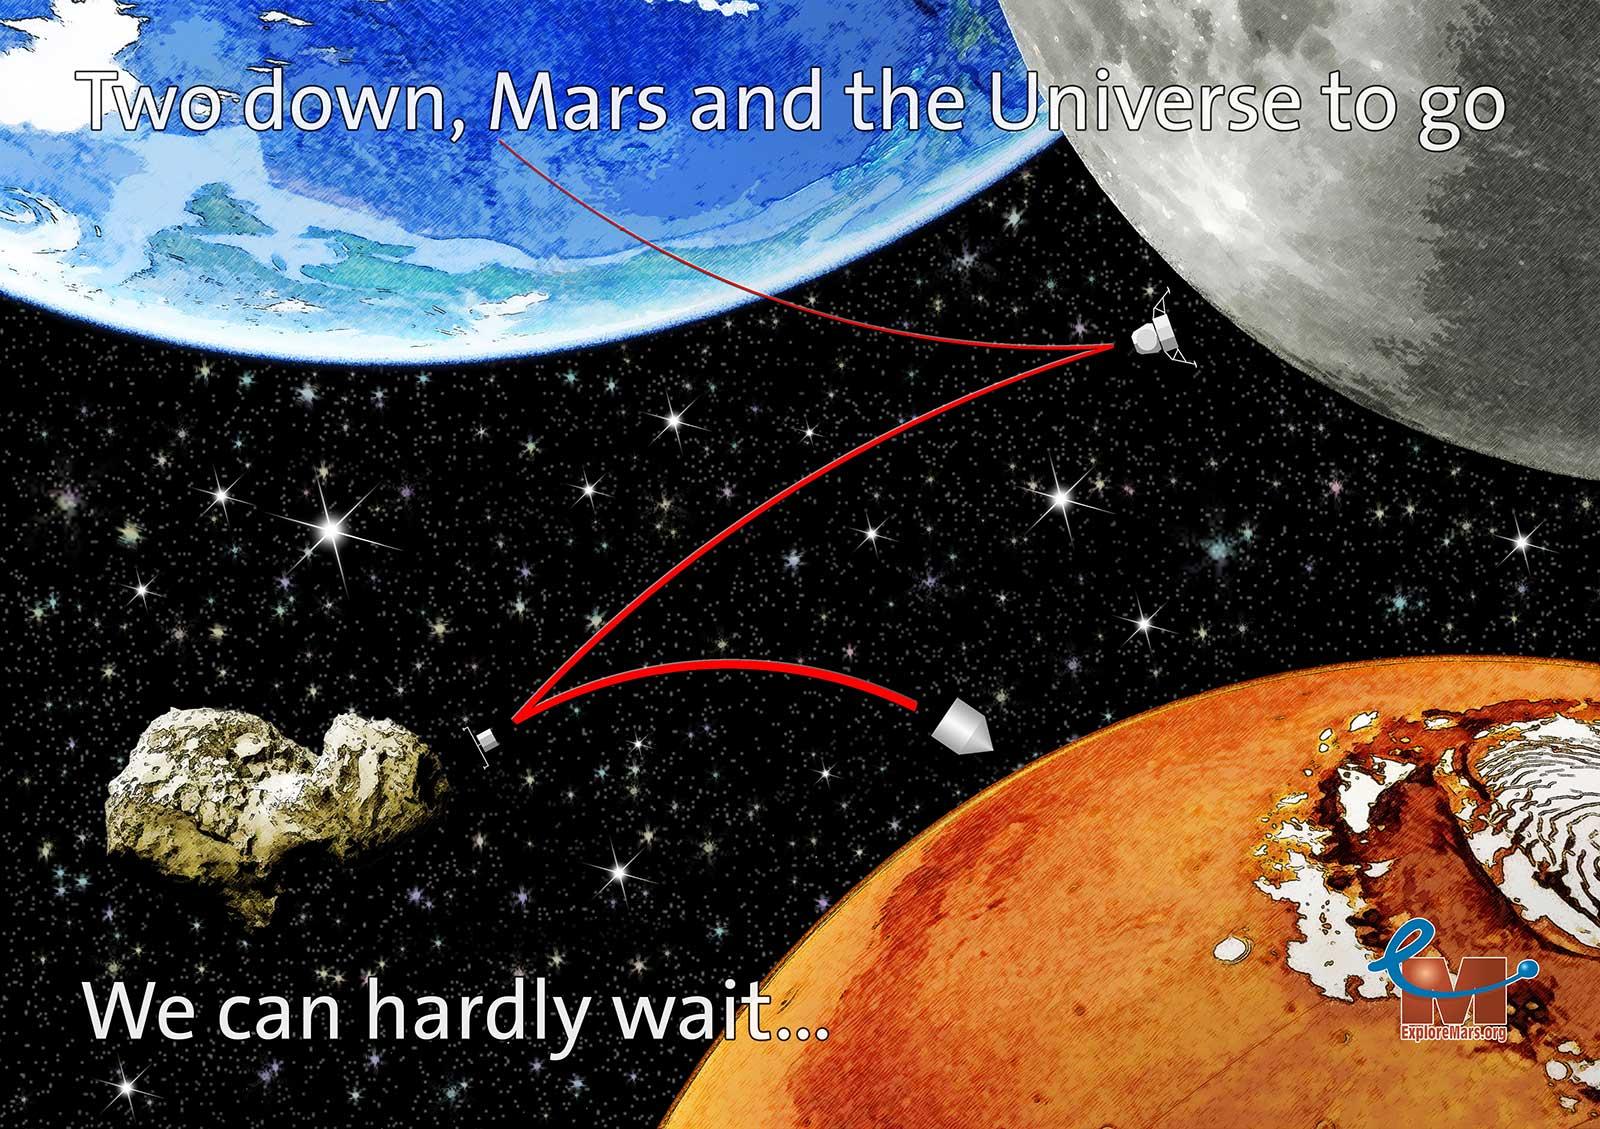 Kerstkaart voor Explore Mars, Inc. met Aarde, Maan, komeet en Mars en ruimtesondes die deze hemellichamen bezoeken en de tekst two down, Mars and the Universe to go